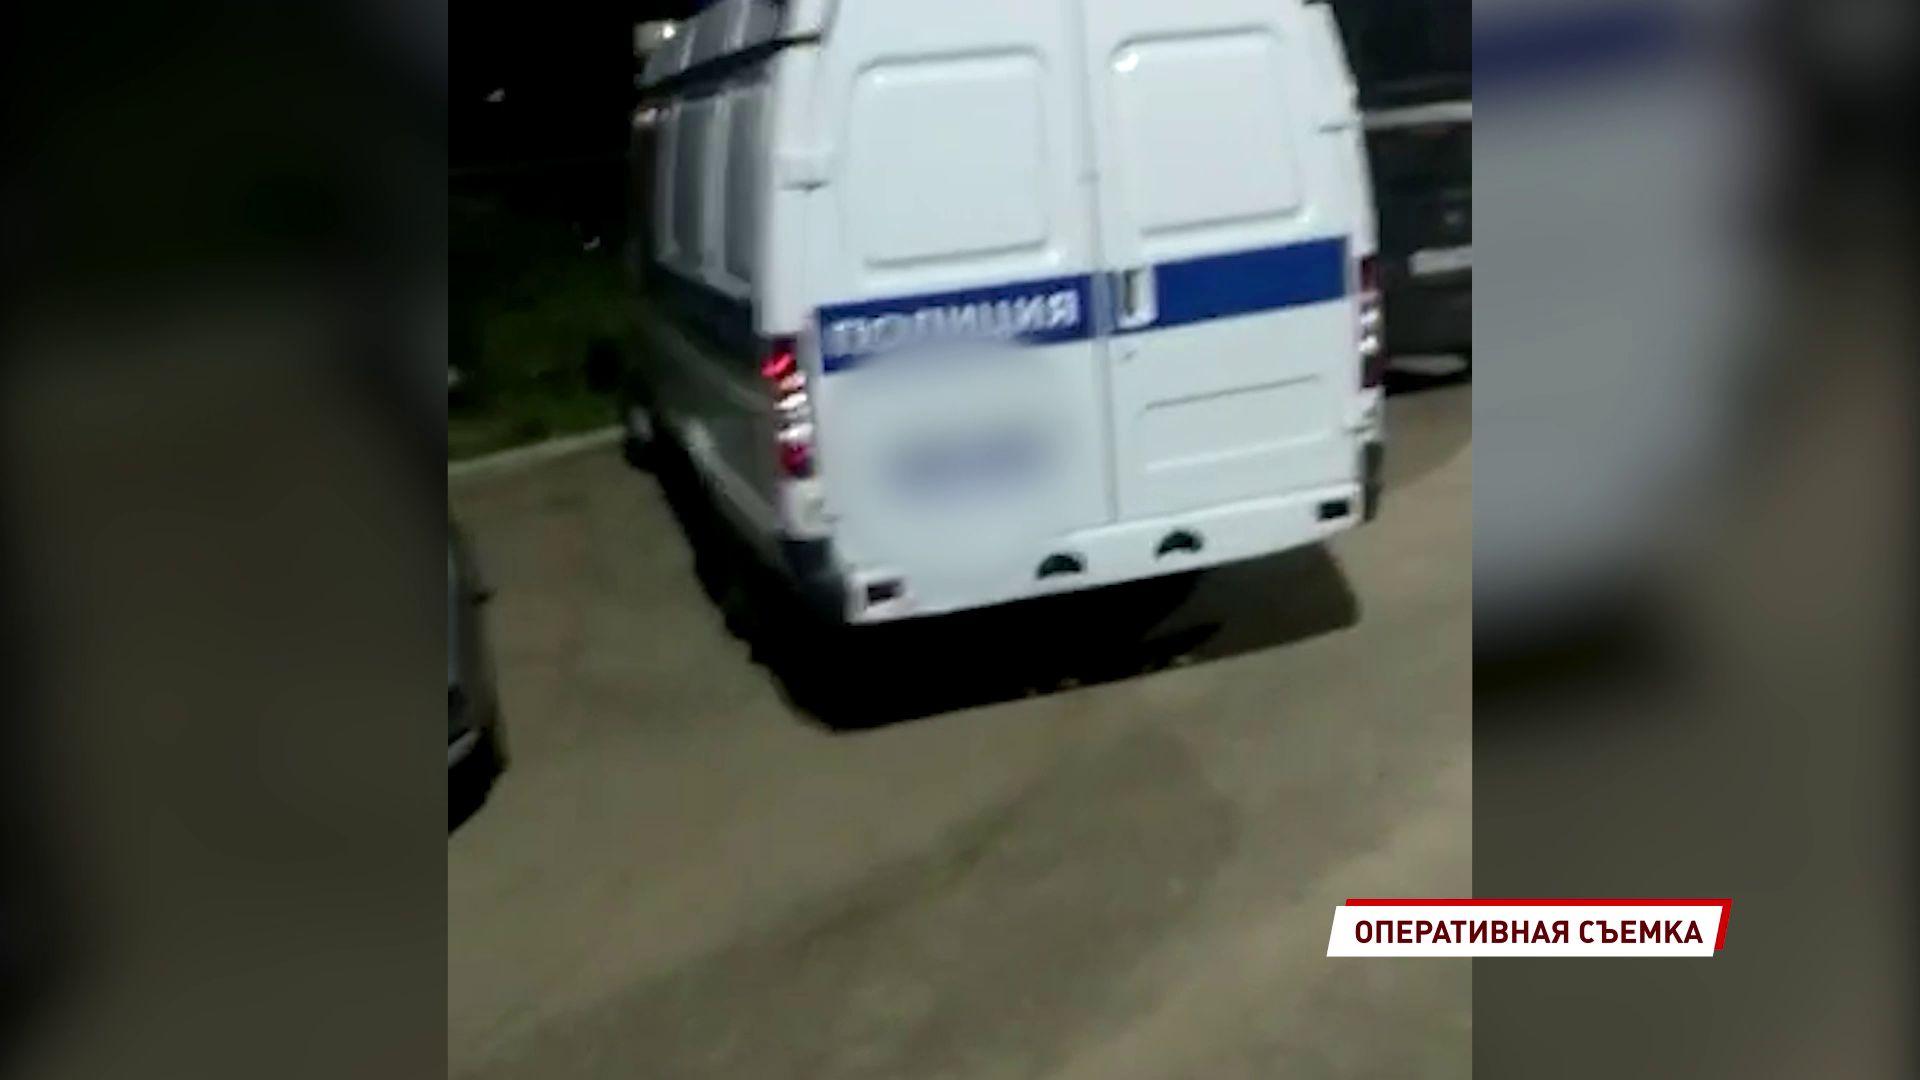 В Ярославле обнаружили партию незаконной агитационной продукции